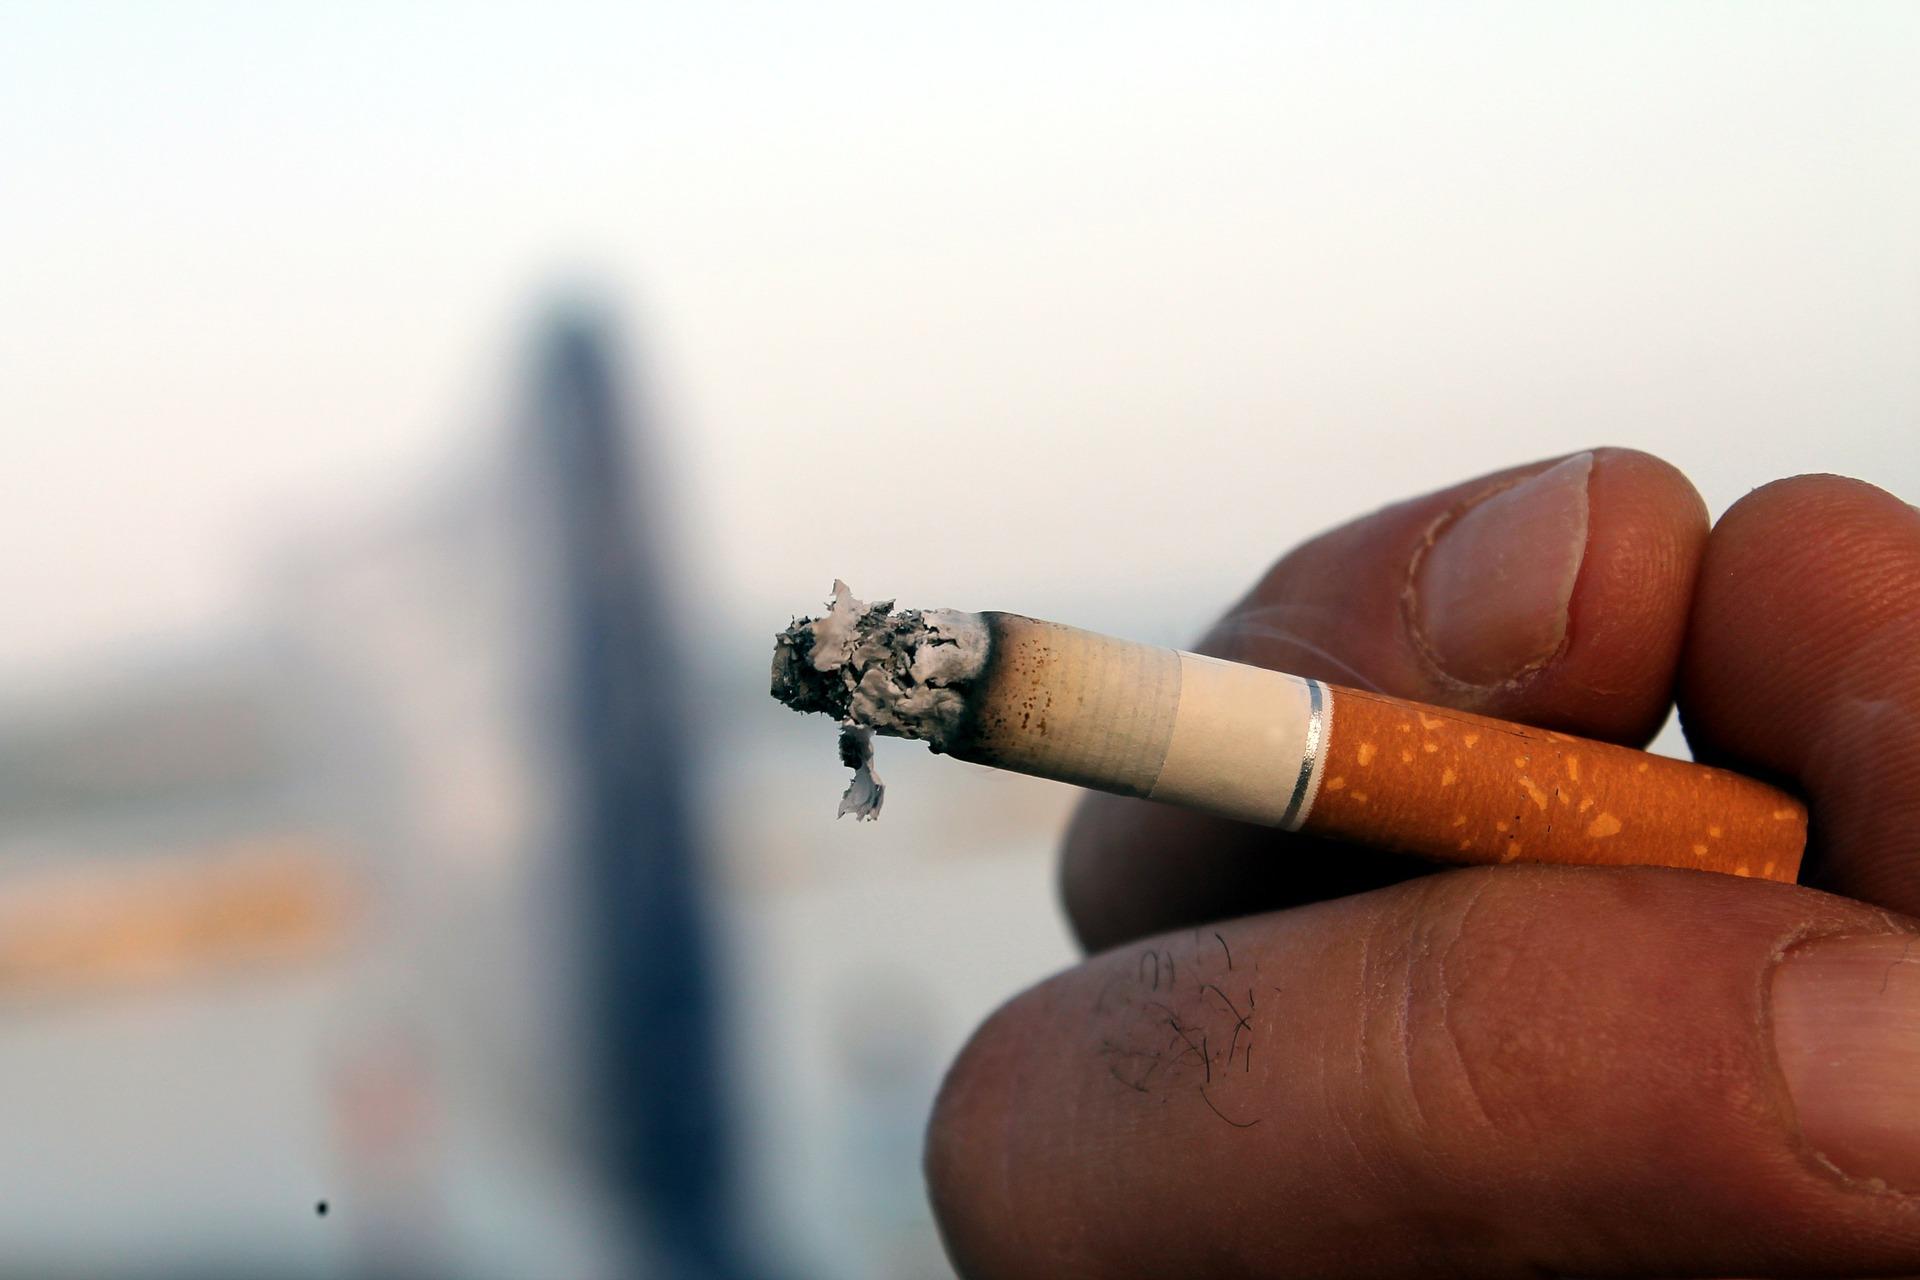 cigarette burning in user's hand